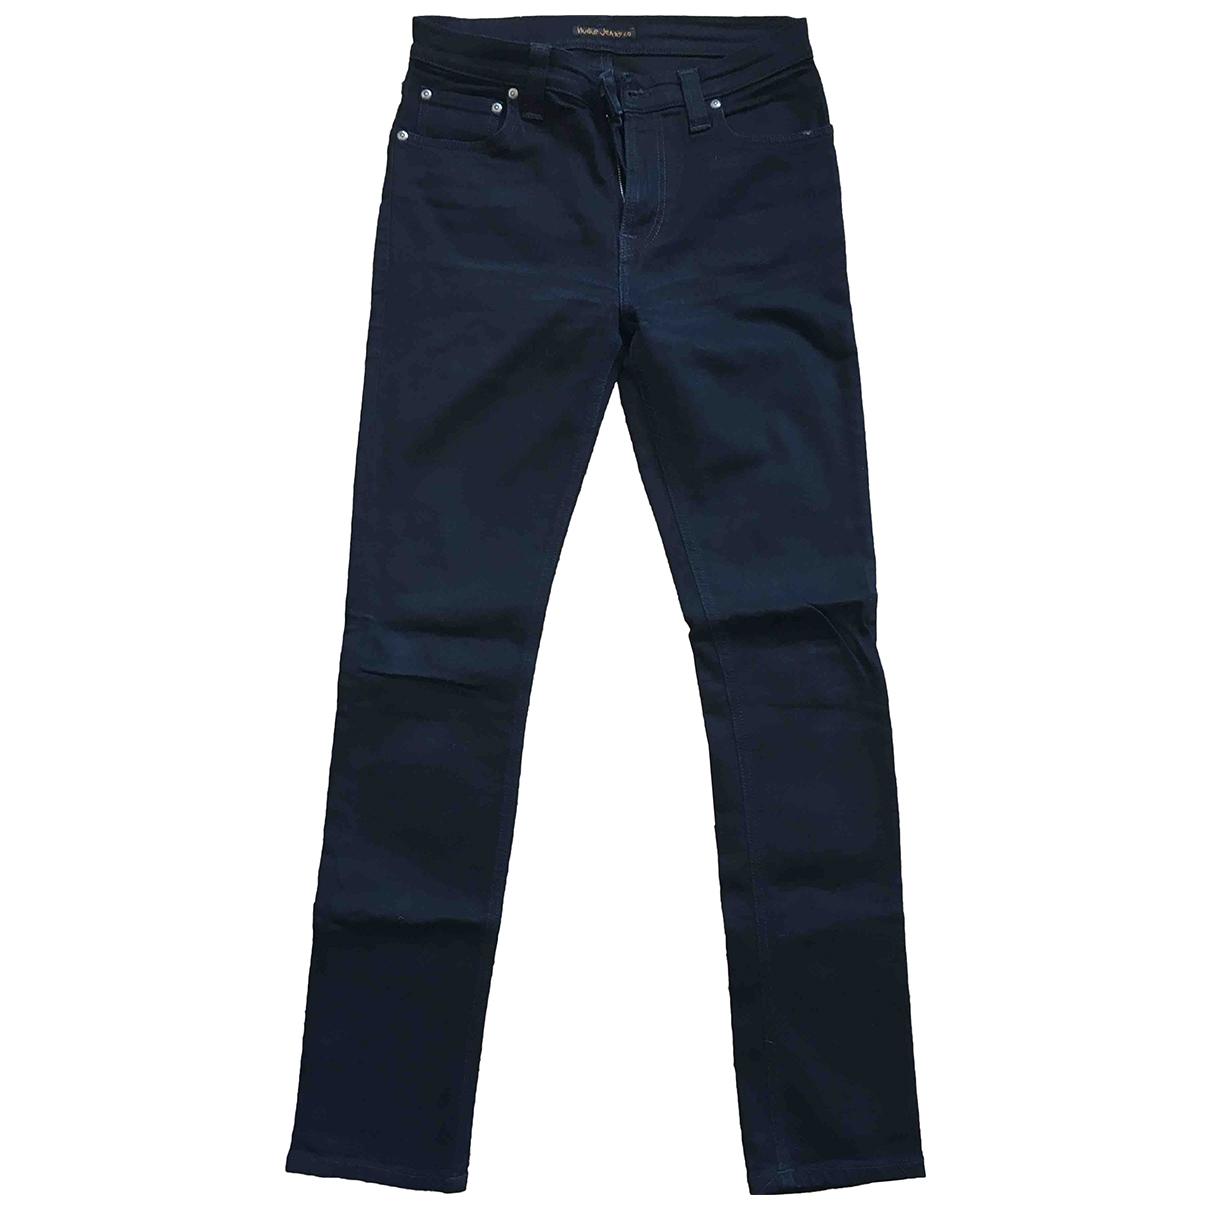 Nudie \N Black Denim - Jeans Trousers for Women 40 IT